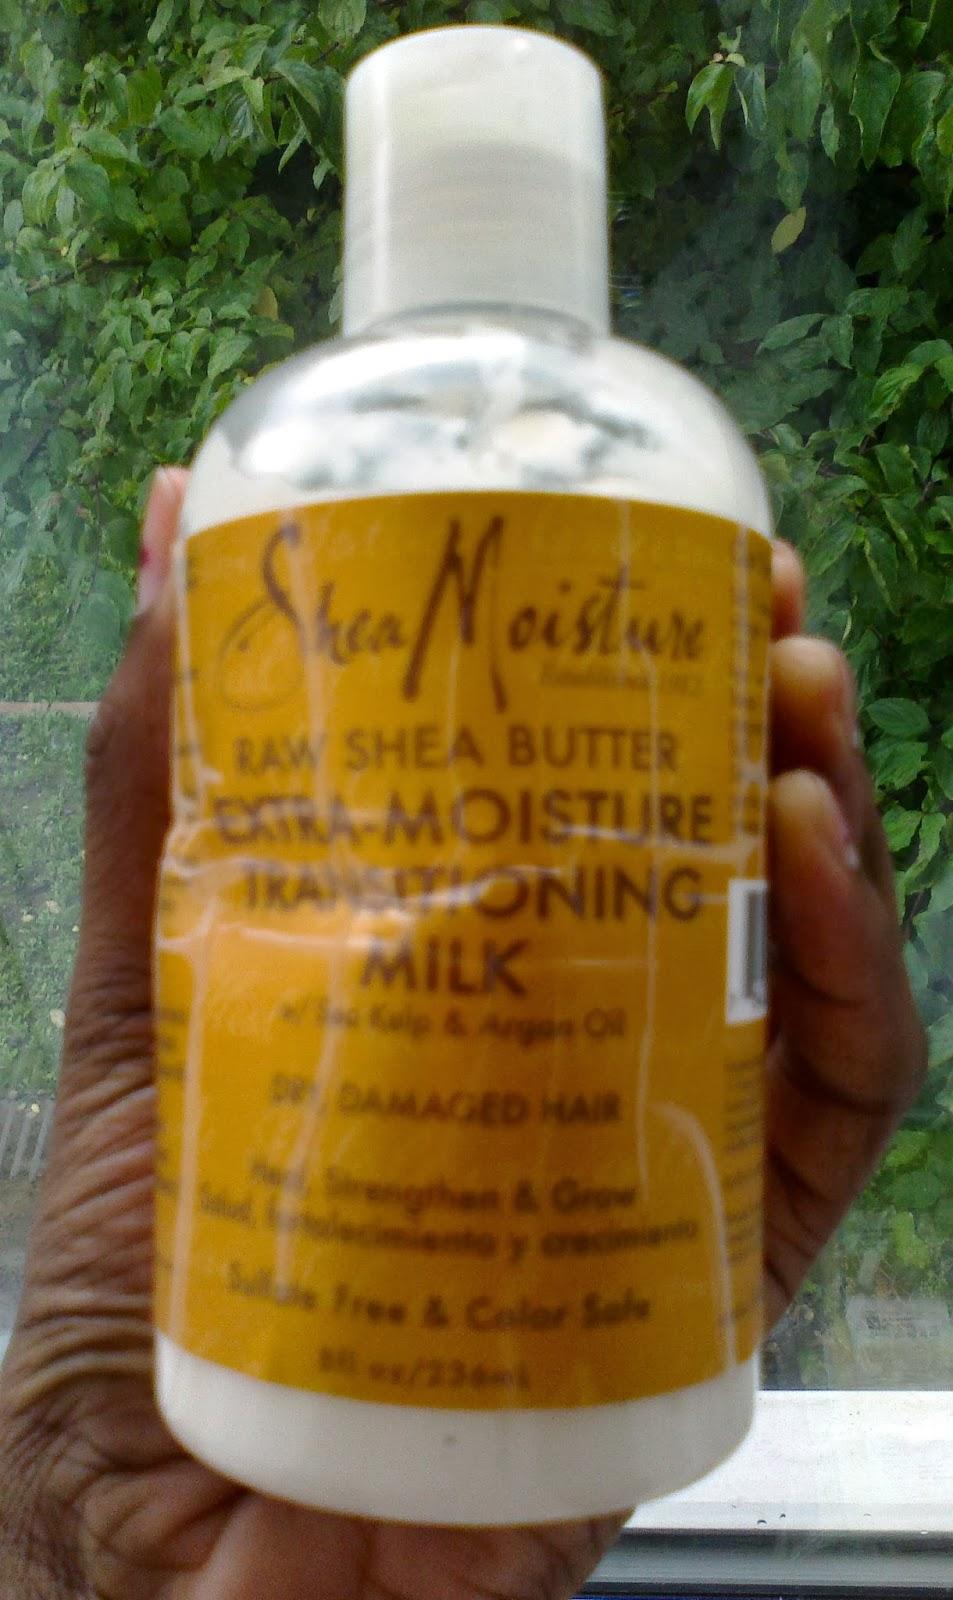 SheaMoisture Raw Shea Butter Extra Moisture Transitioning ...